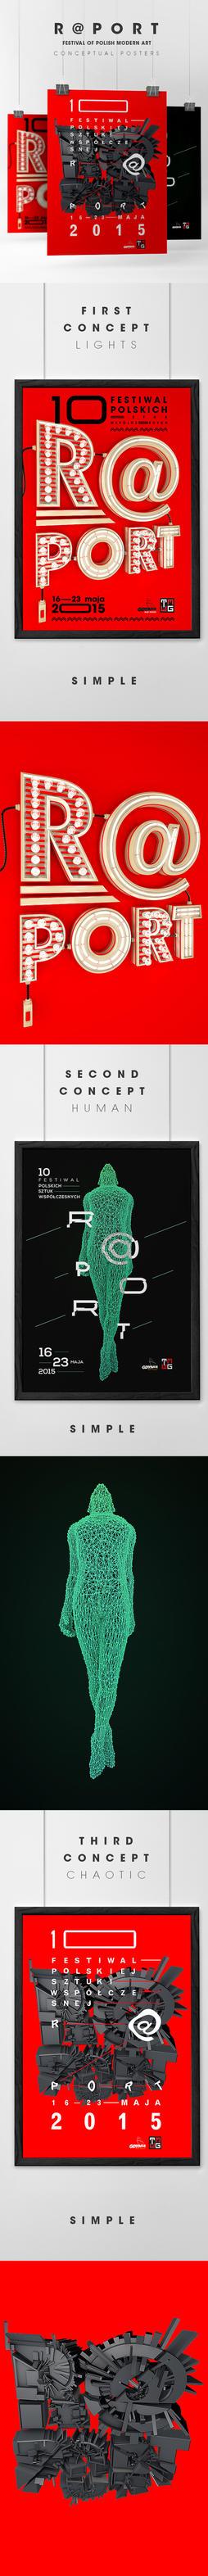 R@port festival branding by koodiPL